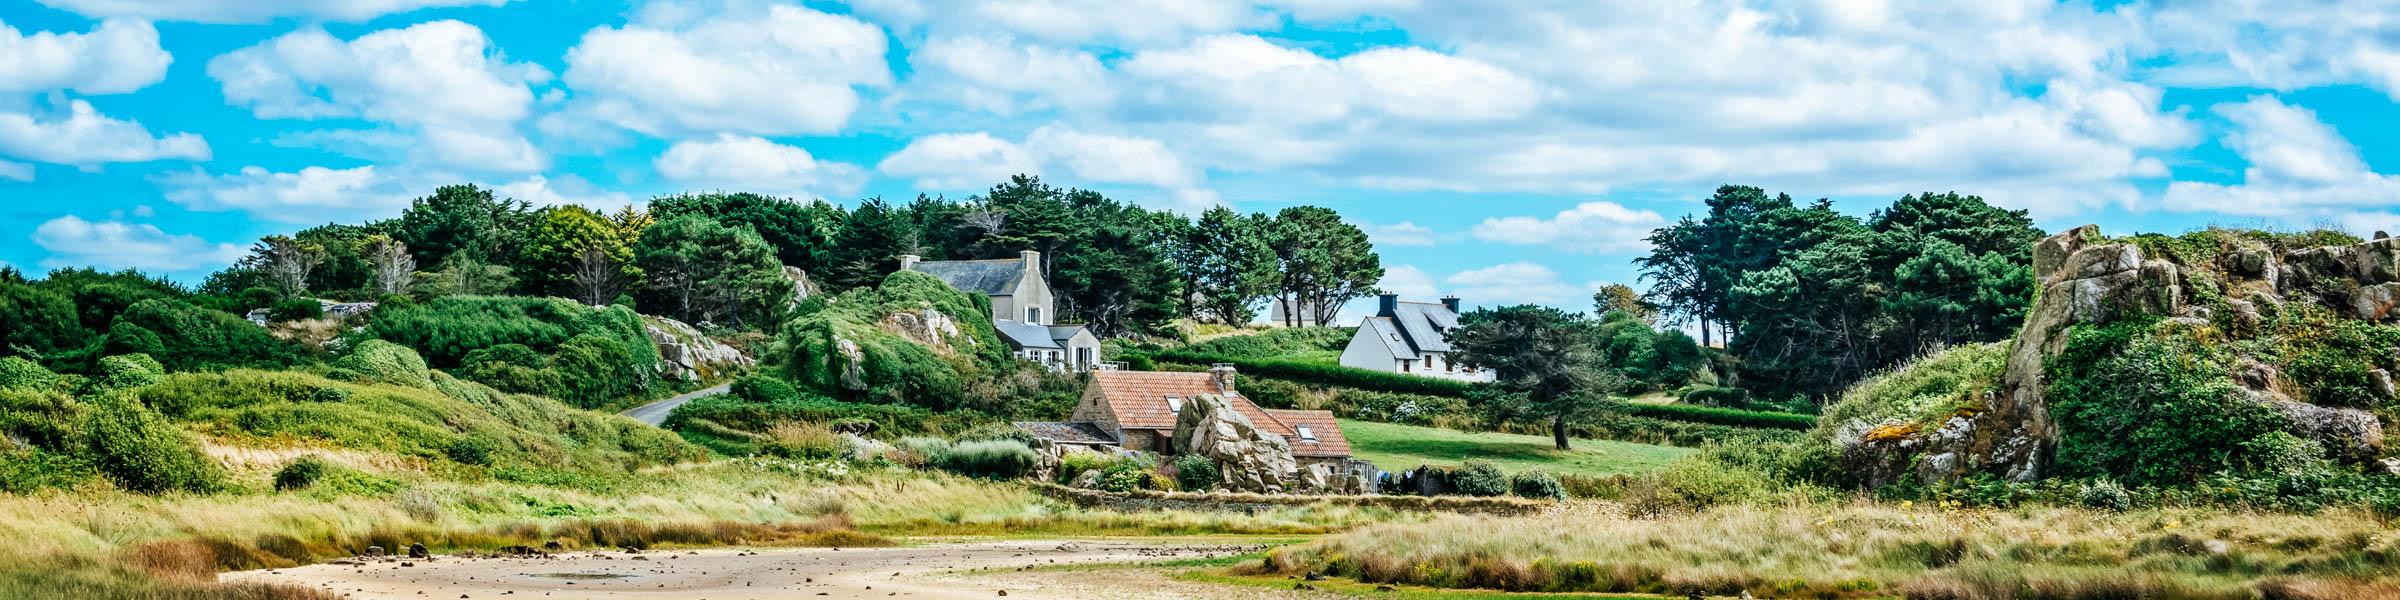 Landschaft in der Bretagne, Häuser und Wald bei Pors Hir